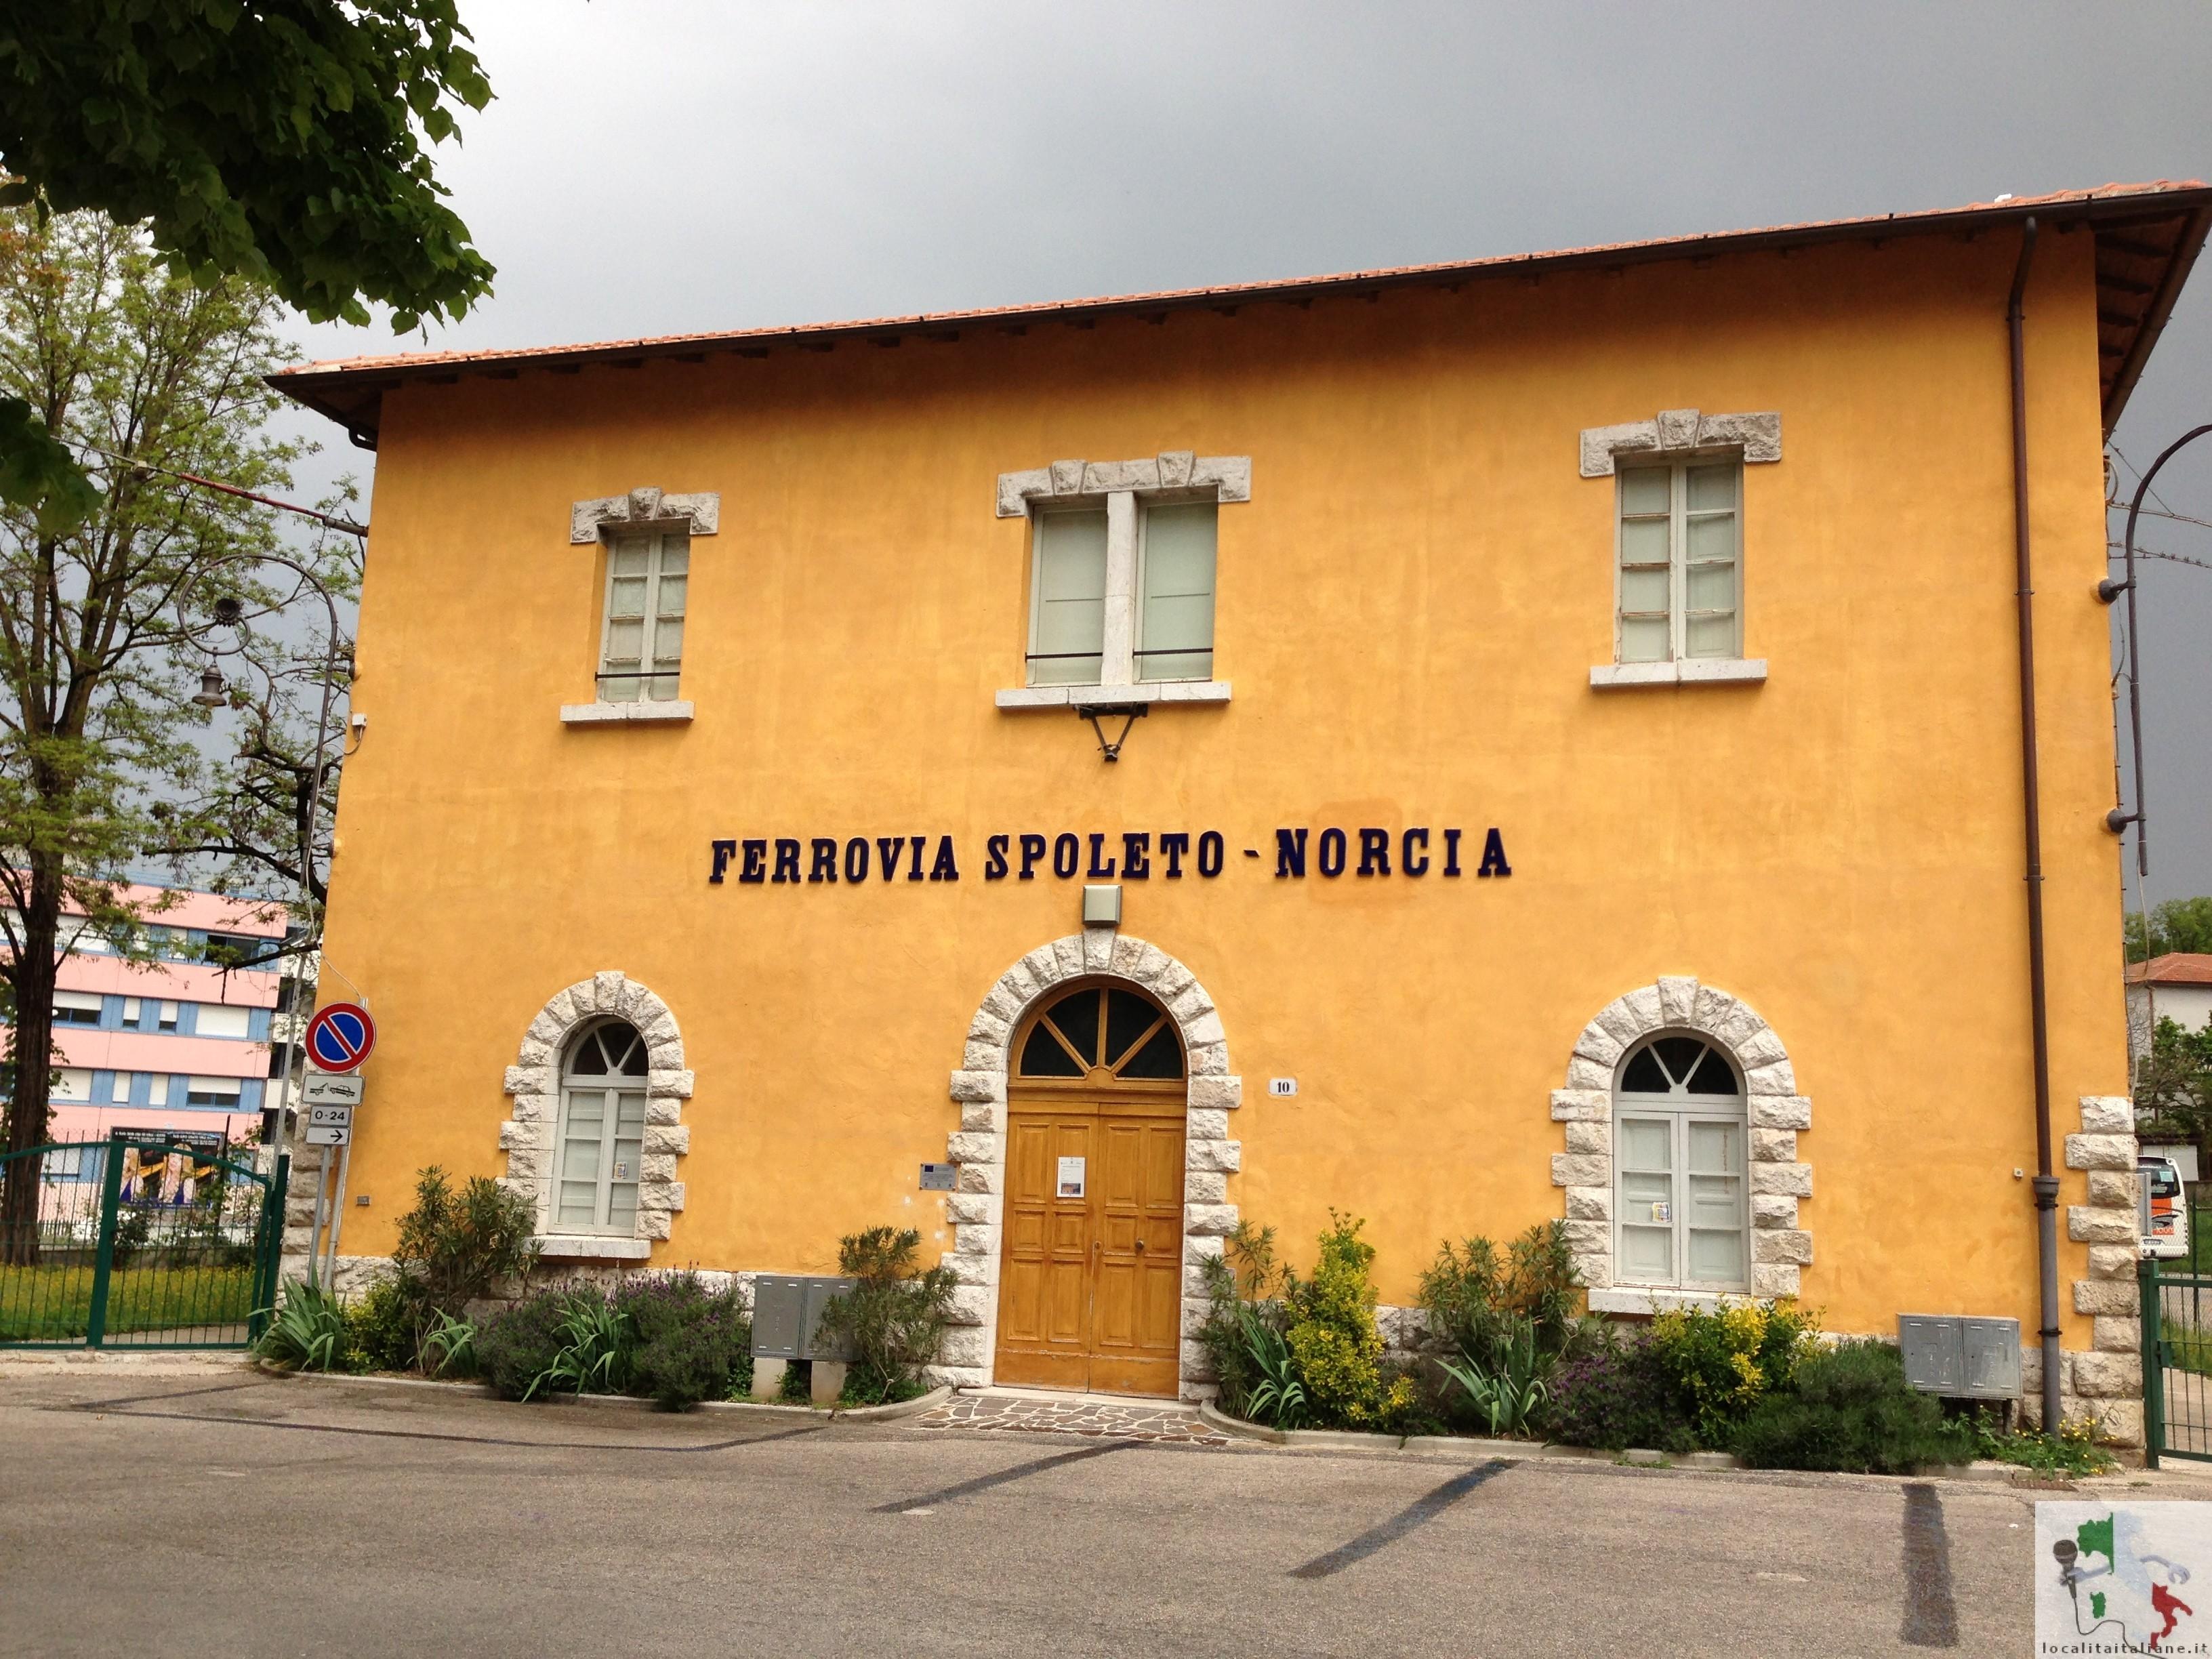 Ex ferrovia spoleto-norcia, un turismo alternativo